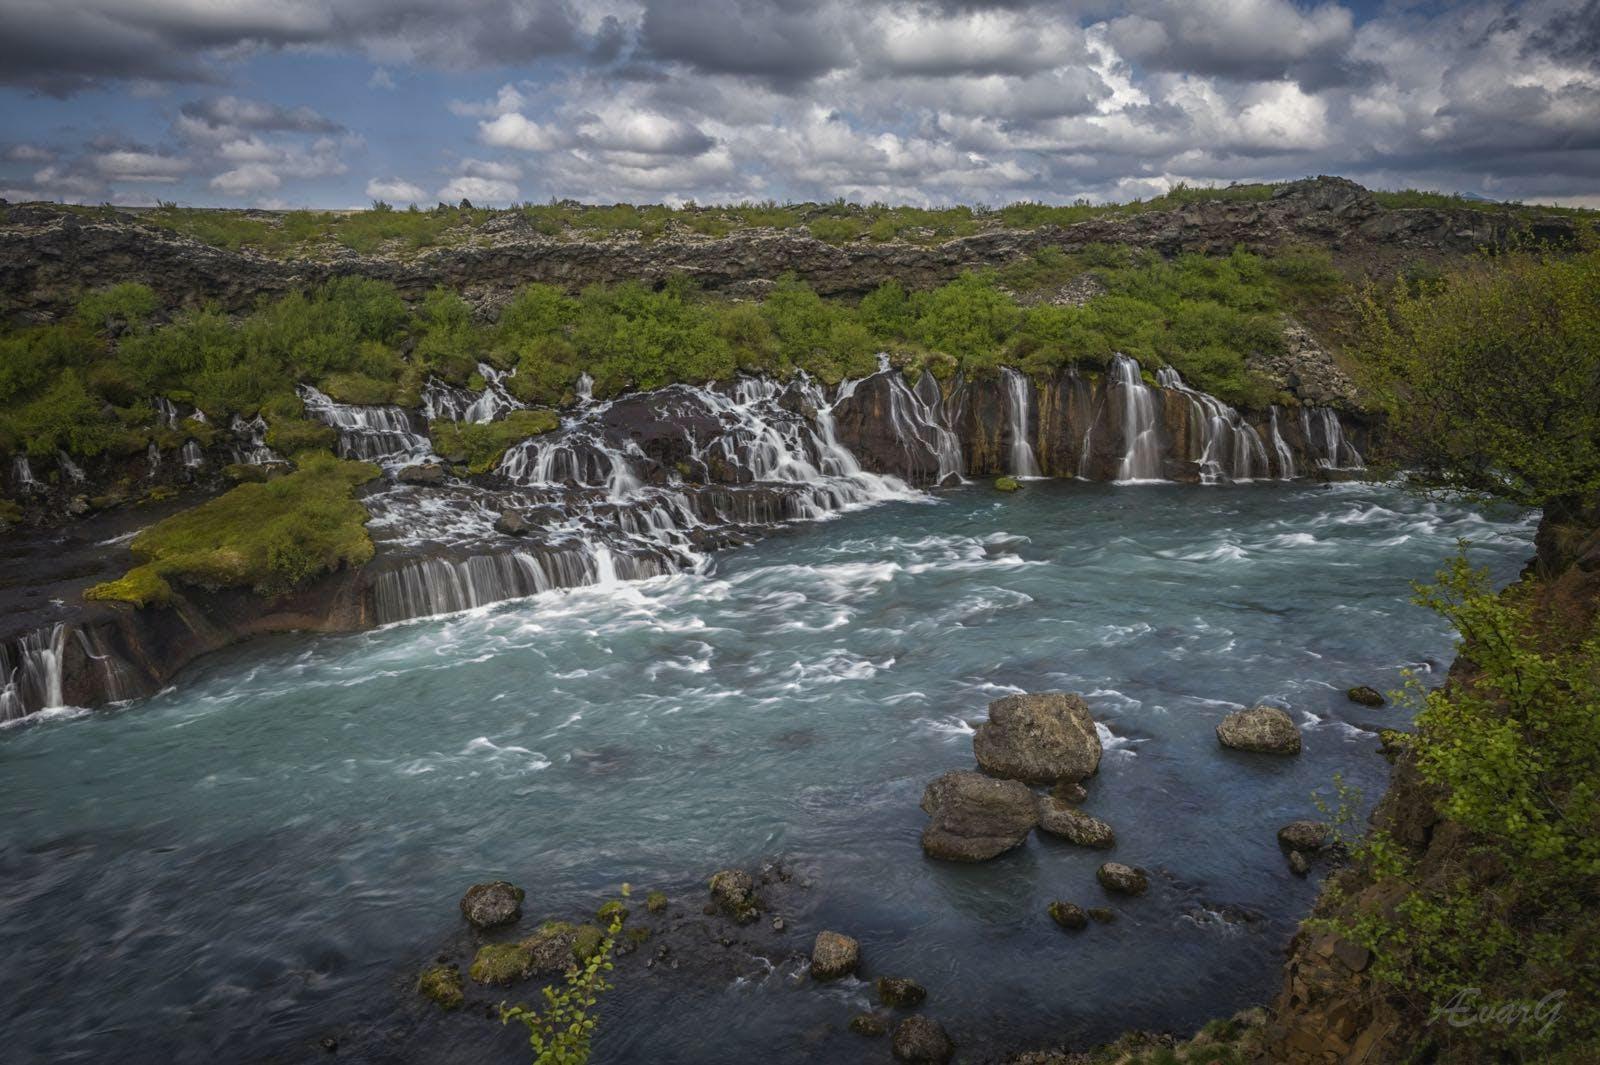 3-tägige Mietwagen-Rundreise | Golden Circle und Wasserfall Hraunfossar